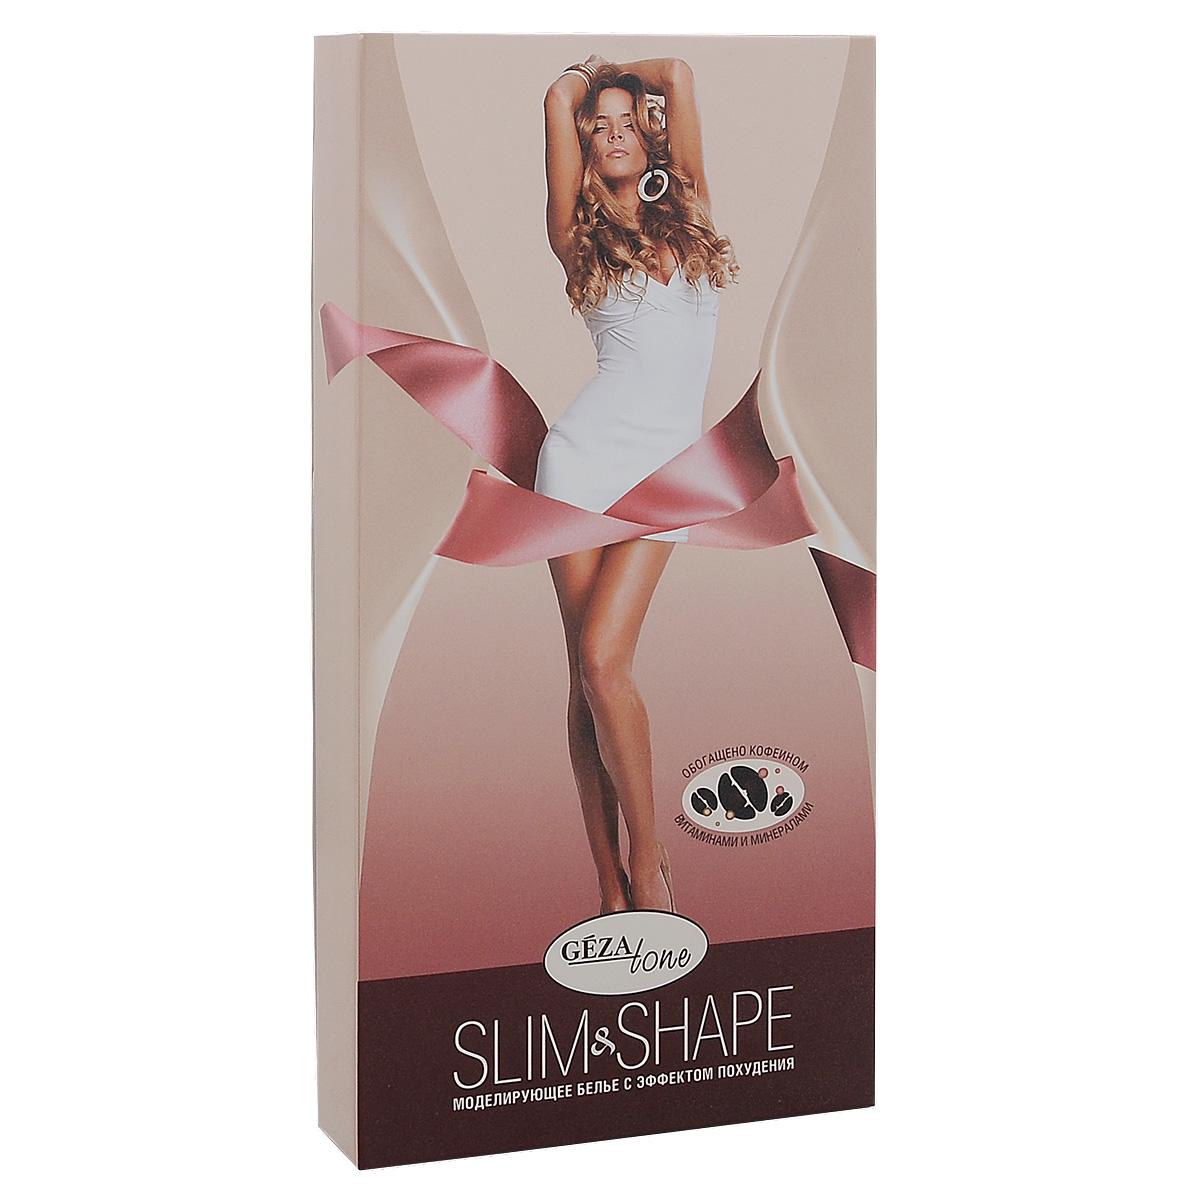 Моделирующий комбидрес Gezatone Slim & Shape, с эффектом похудения, цвет: черный. 102807. Размер S (44)10280Моделирующий комбидрес с эффектом похудения помогает каждой женщине выглядеть красиво и сексуально. Теперь в любой одежде вы будете чувствовать себя уверенно и естественно, не прилагая никаких усилий.В структуру волокон ткани белья Slim & Shape включены вещества, ускоряющие процессы расщепления жира и лимфодренаж, способствующие выравниванию кожного рельефа и уменьшению эффекта апельсиновой корки. Инкапсулированные в волокна ткани активные вещества обеспечивают полноценный комплексный уход за кожей тела, повышая ее тонус, упругость и эластичность, увлажняя и смягчая. Клинические испытания белья Slim & Shape, проведенные при содействии клиник и институтов в разных странах мира, представили поразительные результаты, которые говорят о том, что ежедневное применение корректирующего белья для похудения Slim & Shape, уменьшает проявления целлюлита, способствует выравниванию кожного рельефа в проблемных зонах, и уменьшает объемы без дополнительного воздействия. Все положительные корректирующие результаты, отмеченные у 95% участников испытаний, Slim & Shape обеспечивает структура ткани со специальной пропиткой.